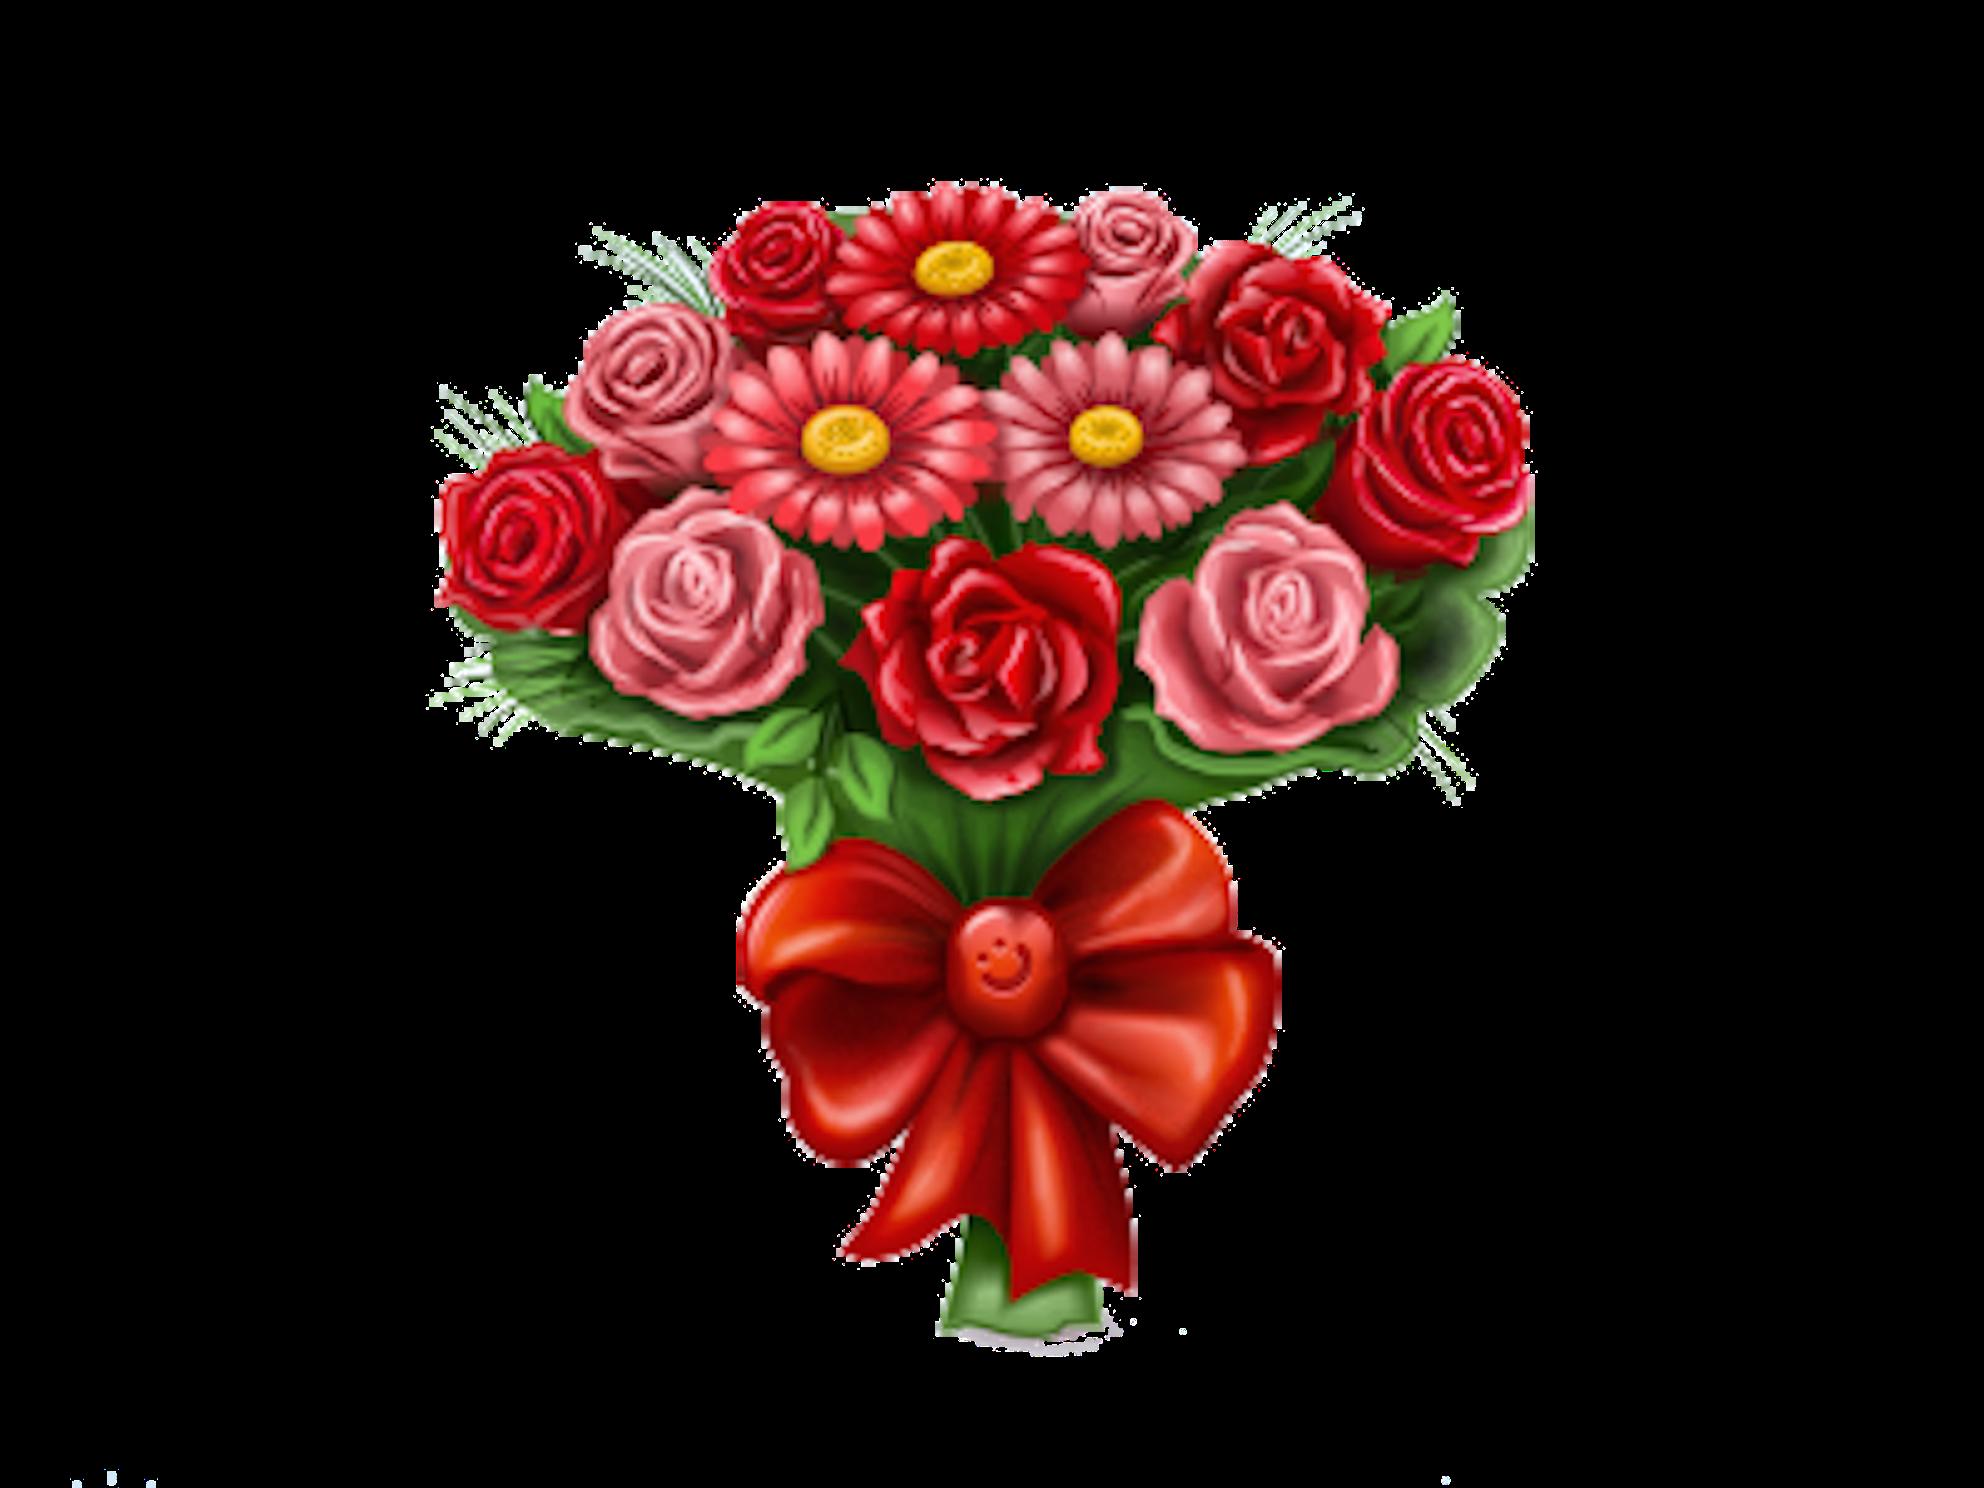 карта вин картинки цветы для аватарии что любителям старины